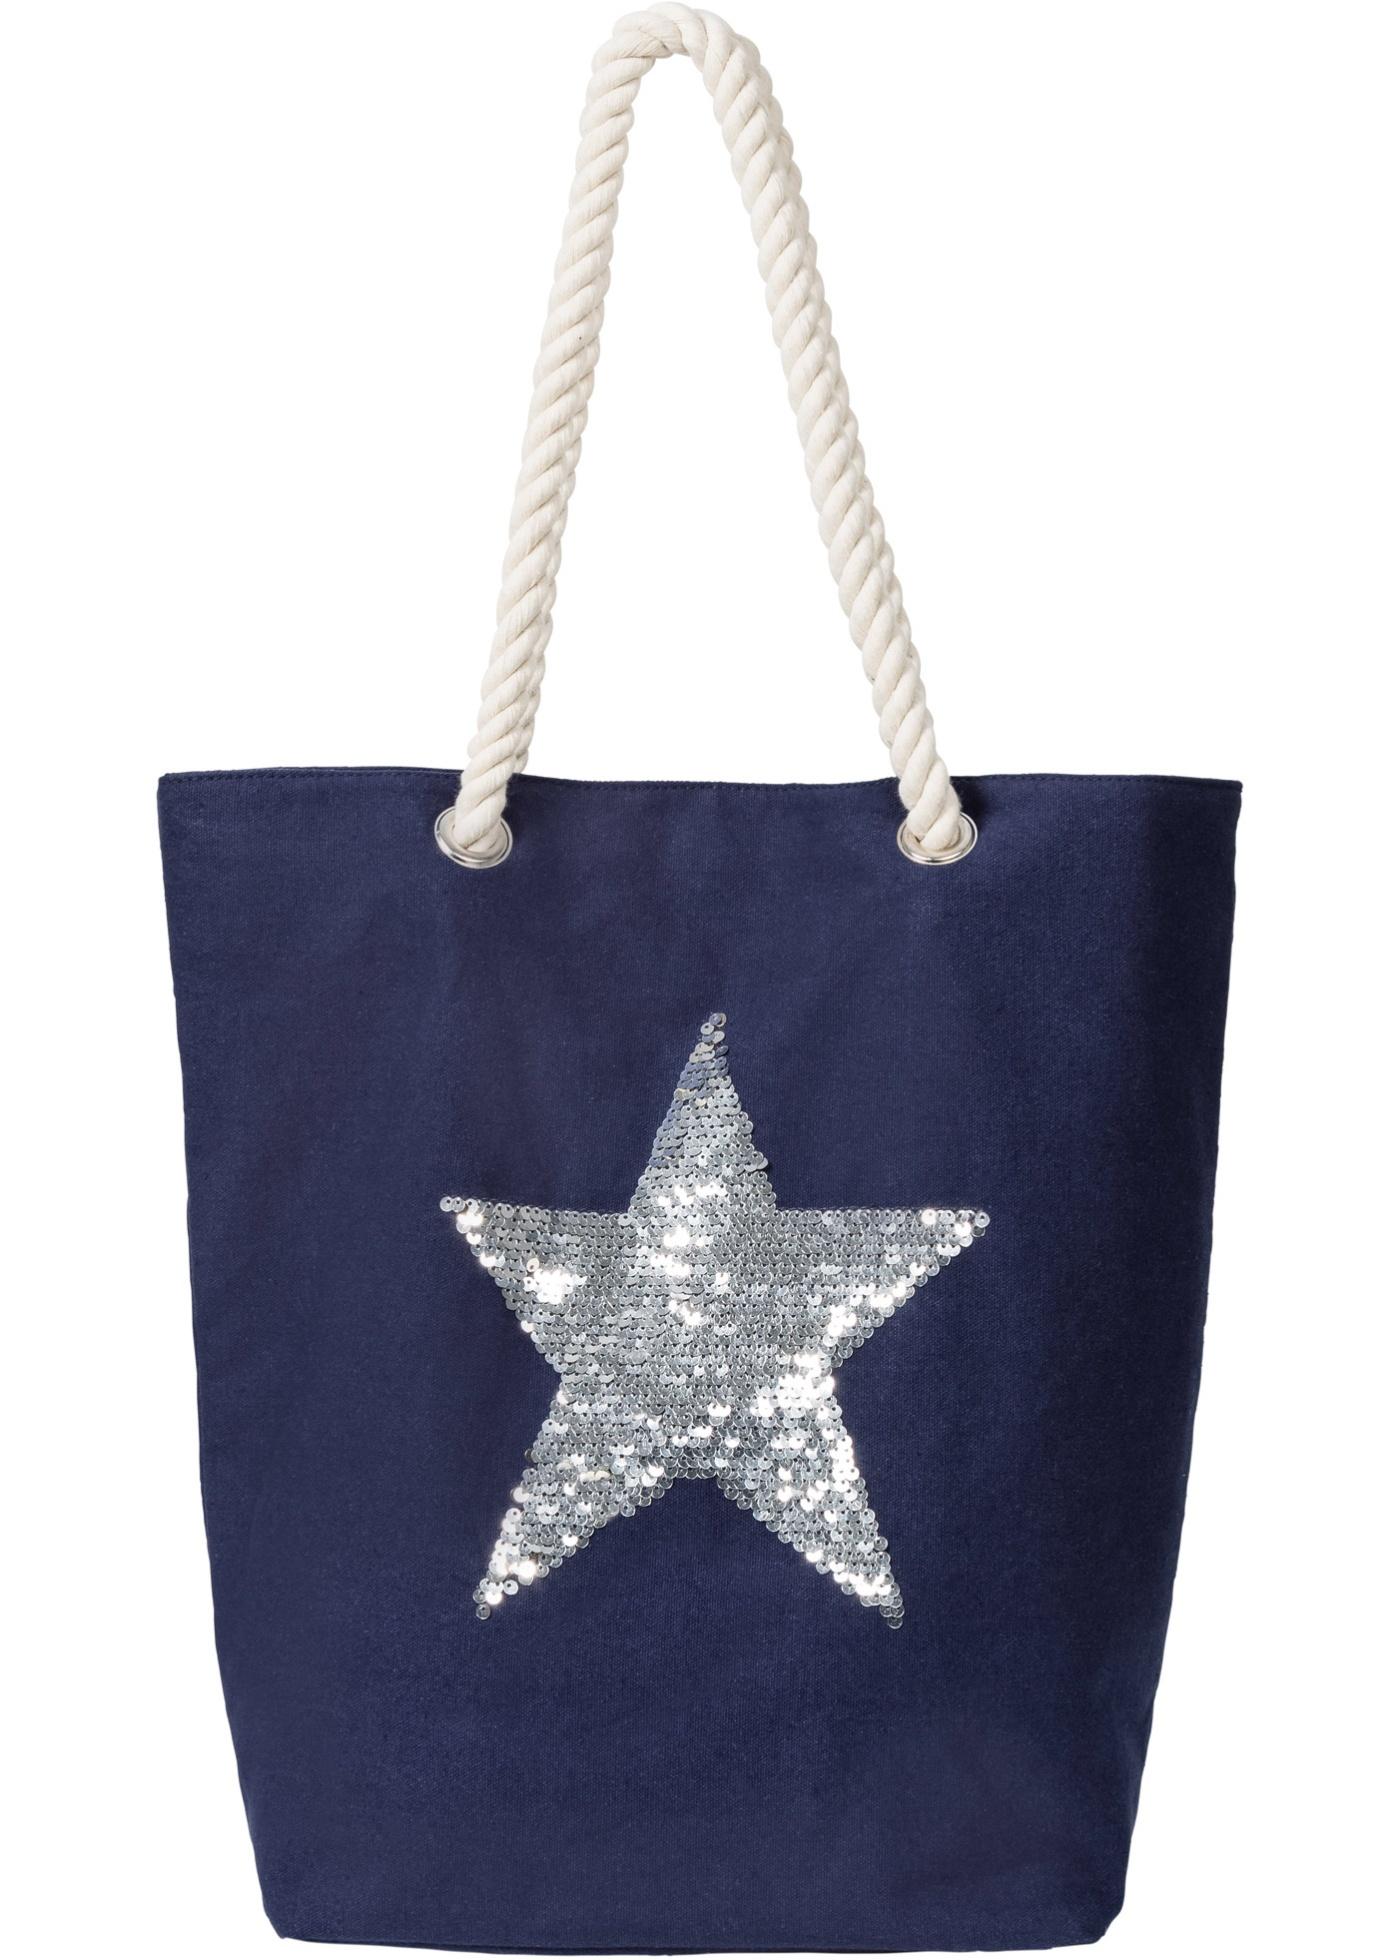 Nákupní taška s hvězdou - Modrá